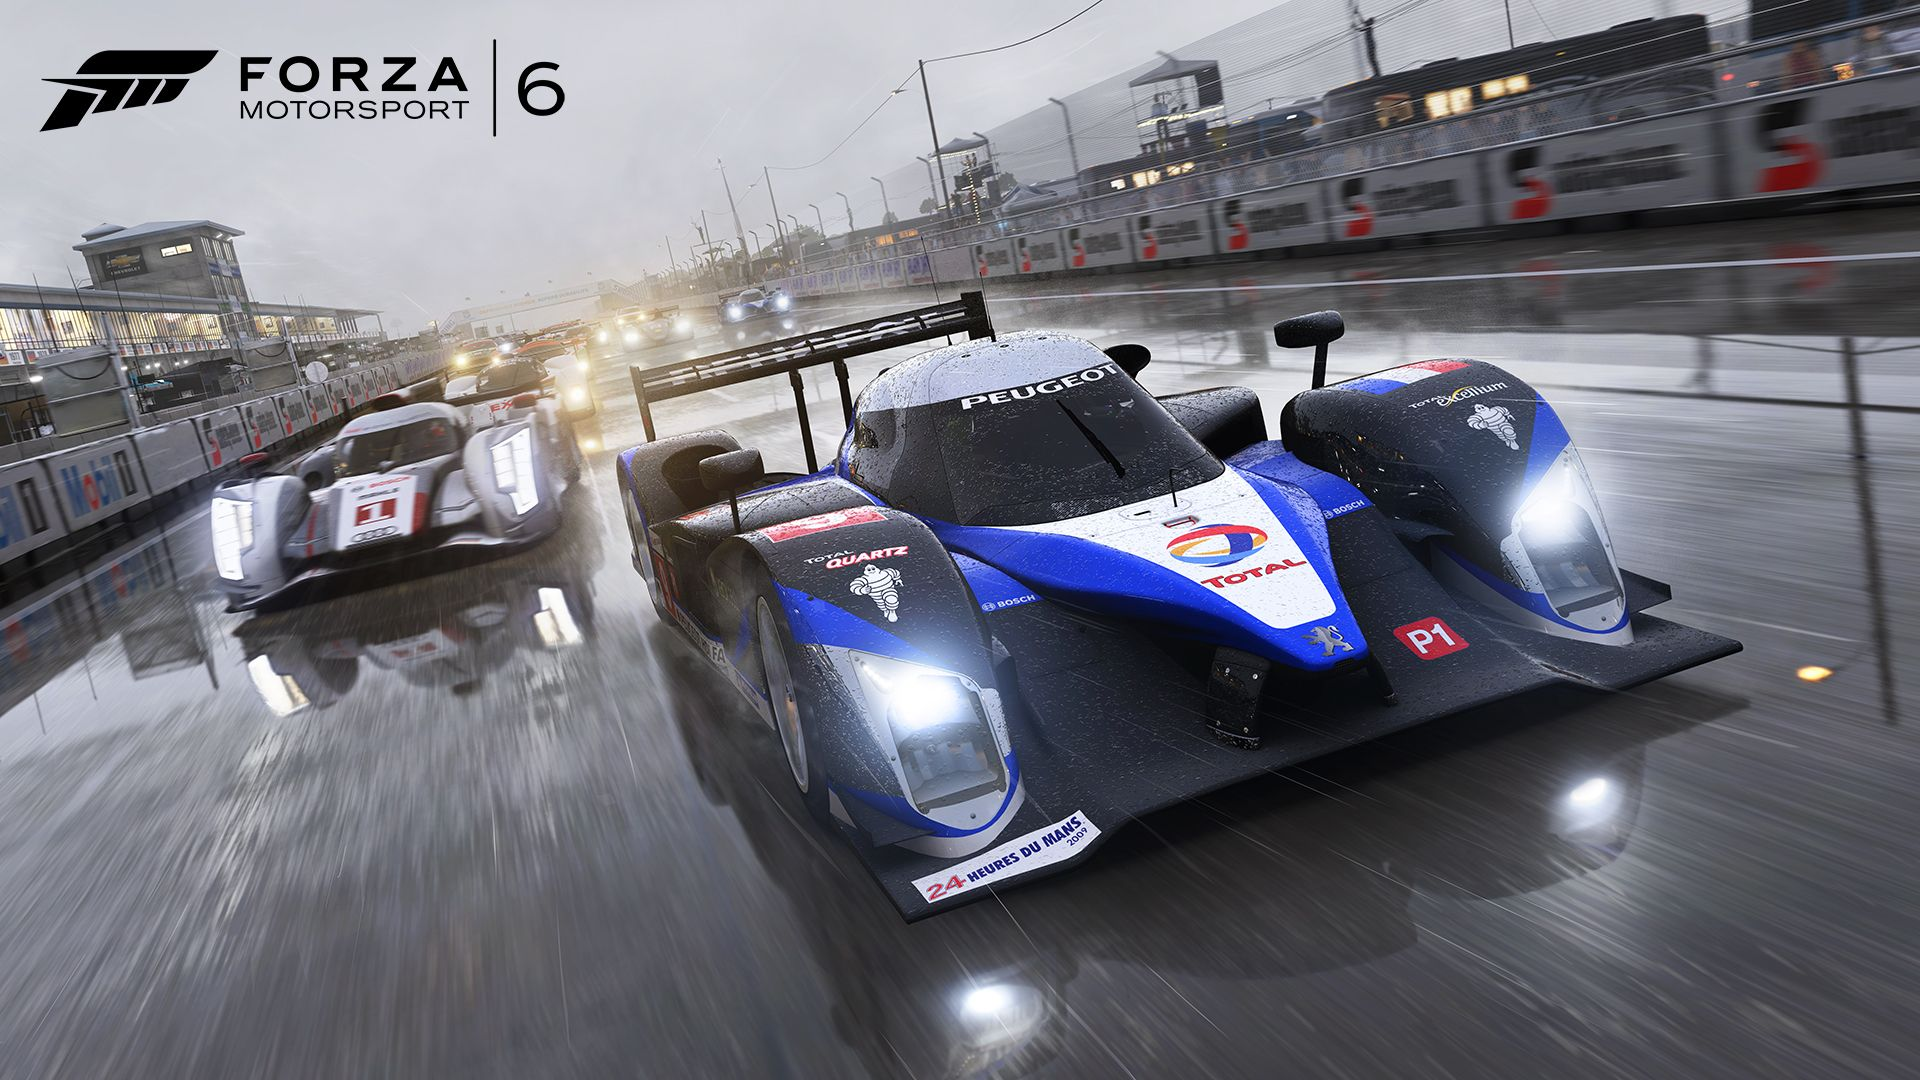 Forza Motorsport 6: Lélegzetelállító képek érkeztek a játékról